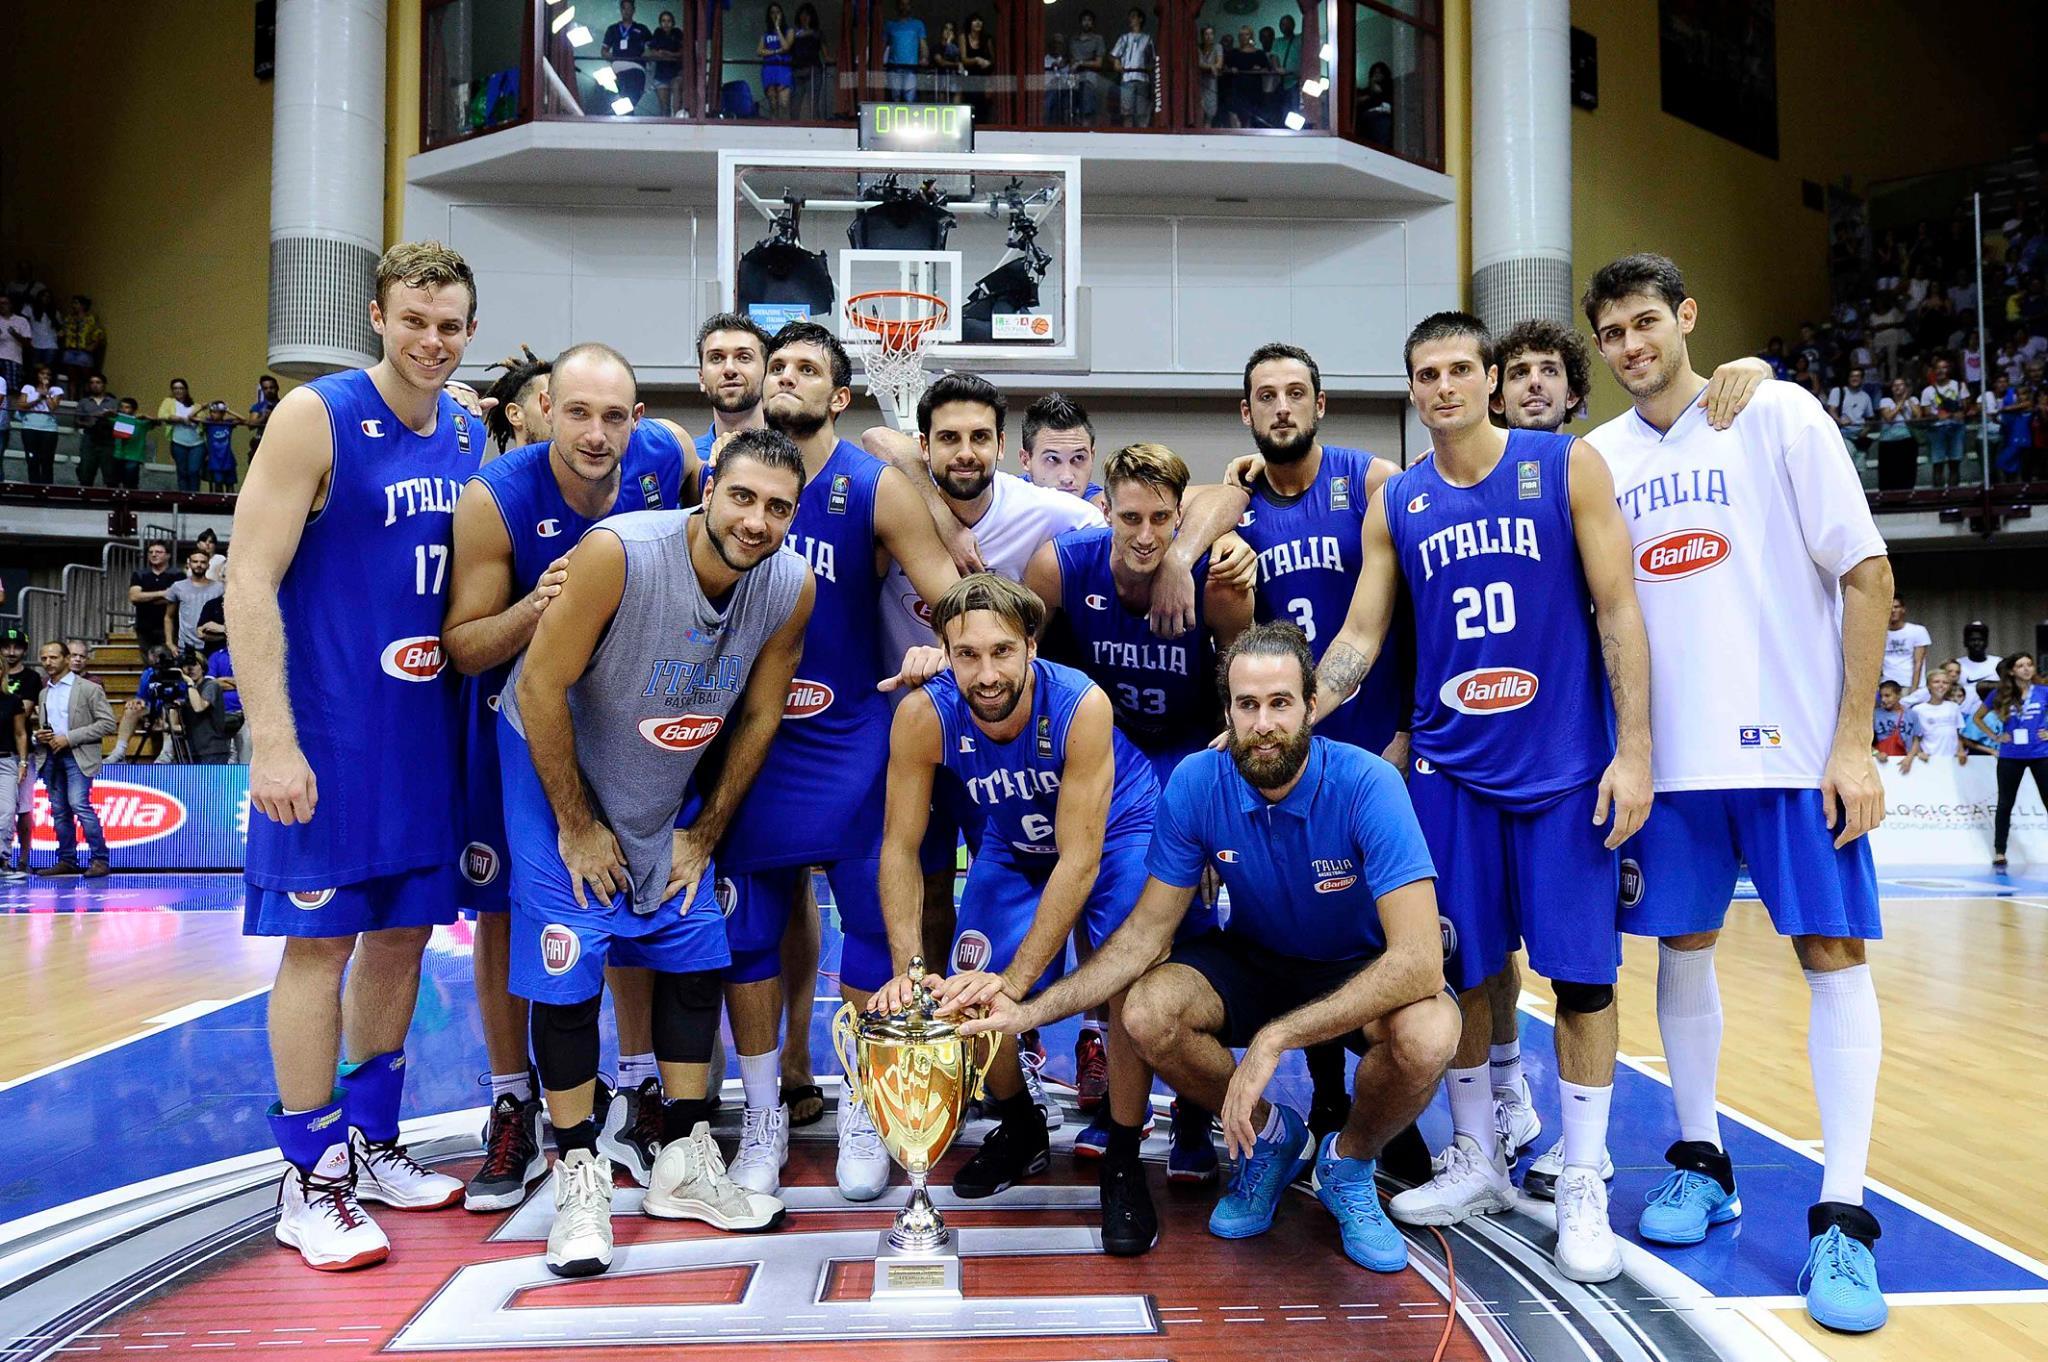 Europei, Italbasket pronta a tingere di azzurro il cielo